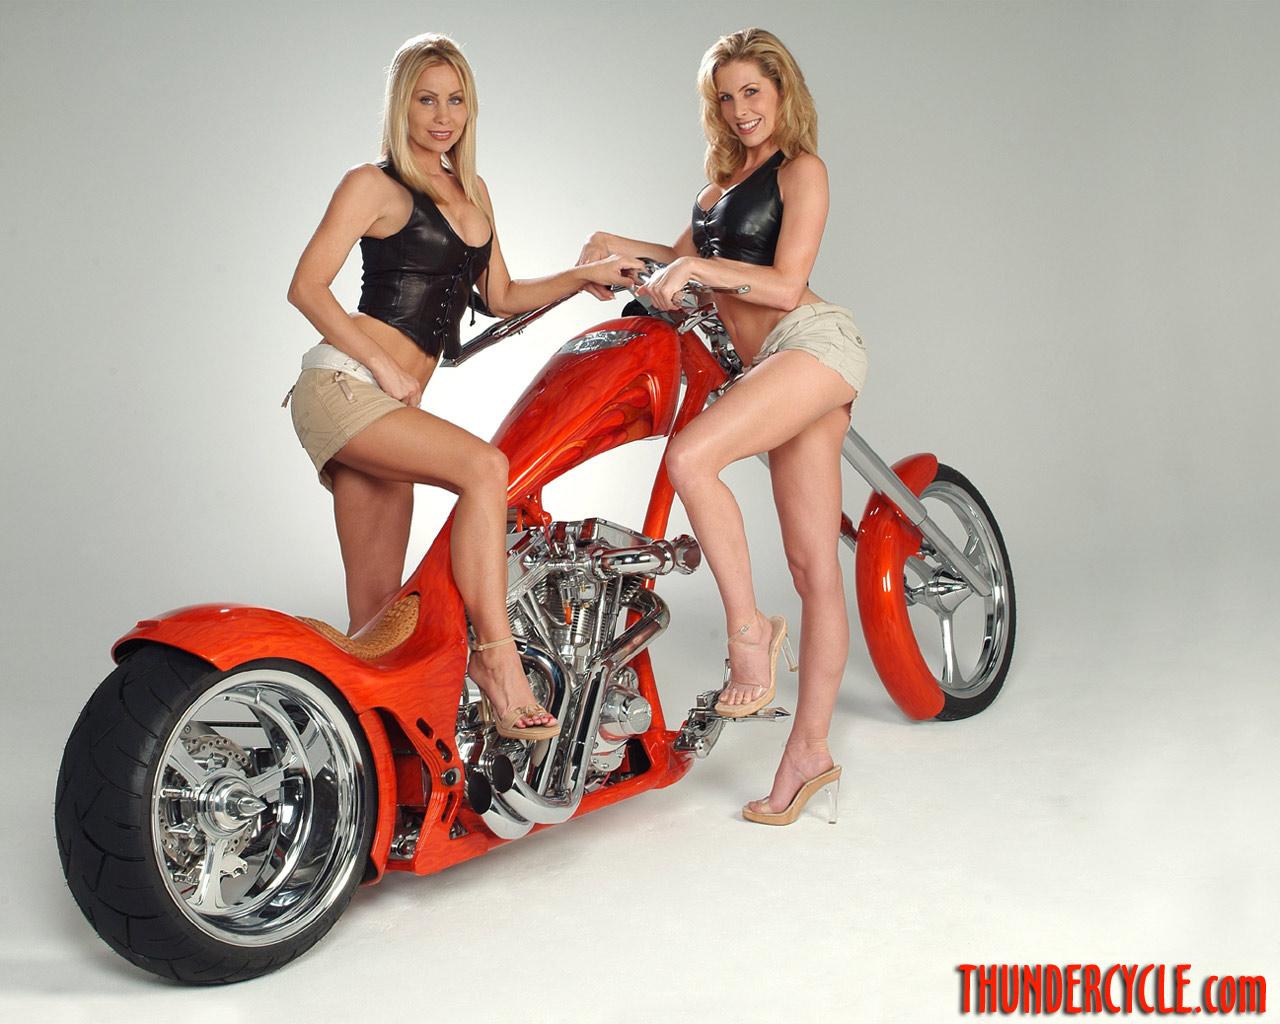 http://1.bp.blogspot.com/-1ttKW2NMPt4/Te_FzxzwUEI/AAAAAAAADLQ/-dDe8VubSeg/s1600/Thunder_Custom_Chopper_and_Bike_Girls_wallpaper.jpg